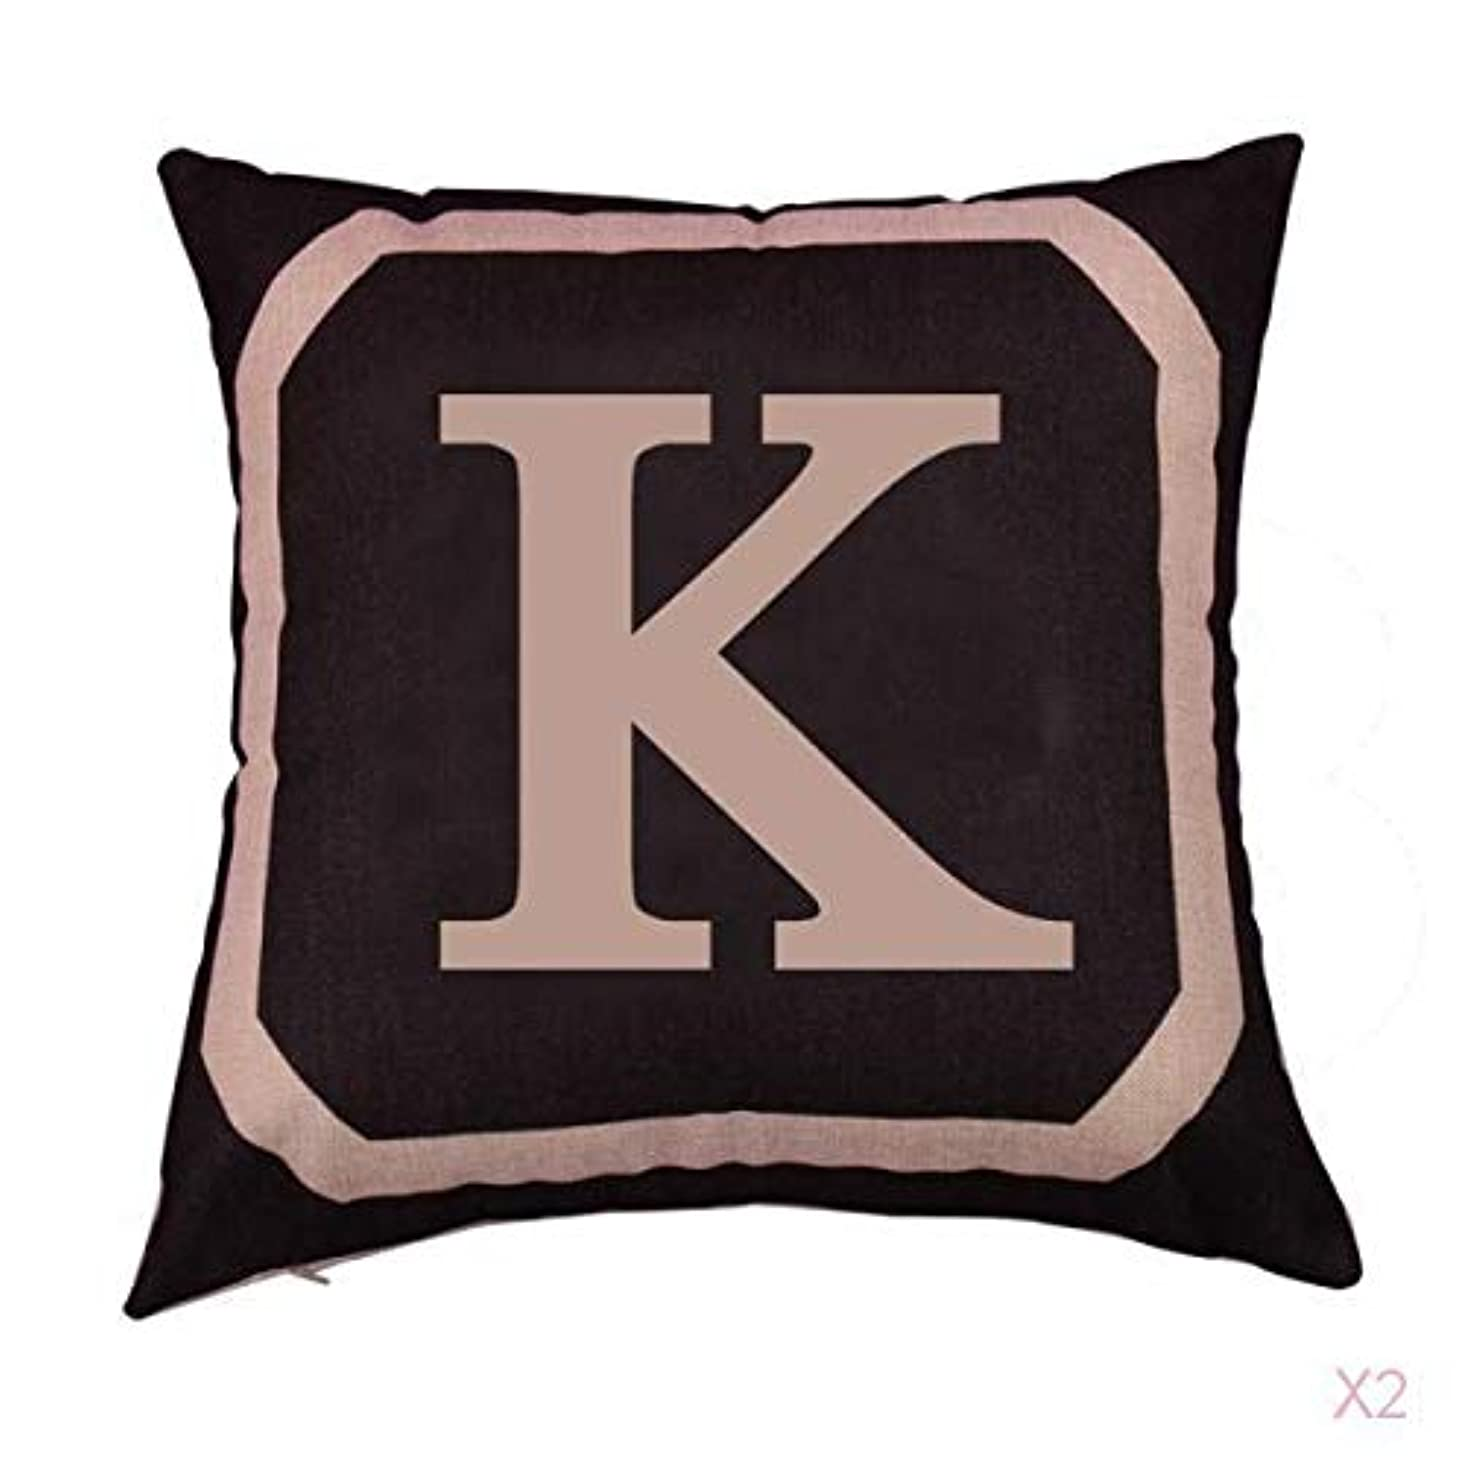 殺します冷える友だち正方形の綿のリネンスローピローケース腰クッションカバーベッドソファ装飾kを